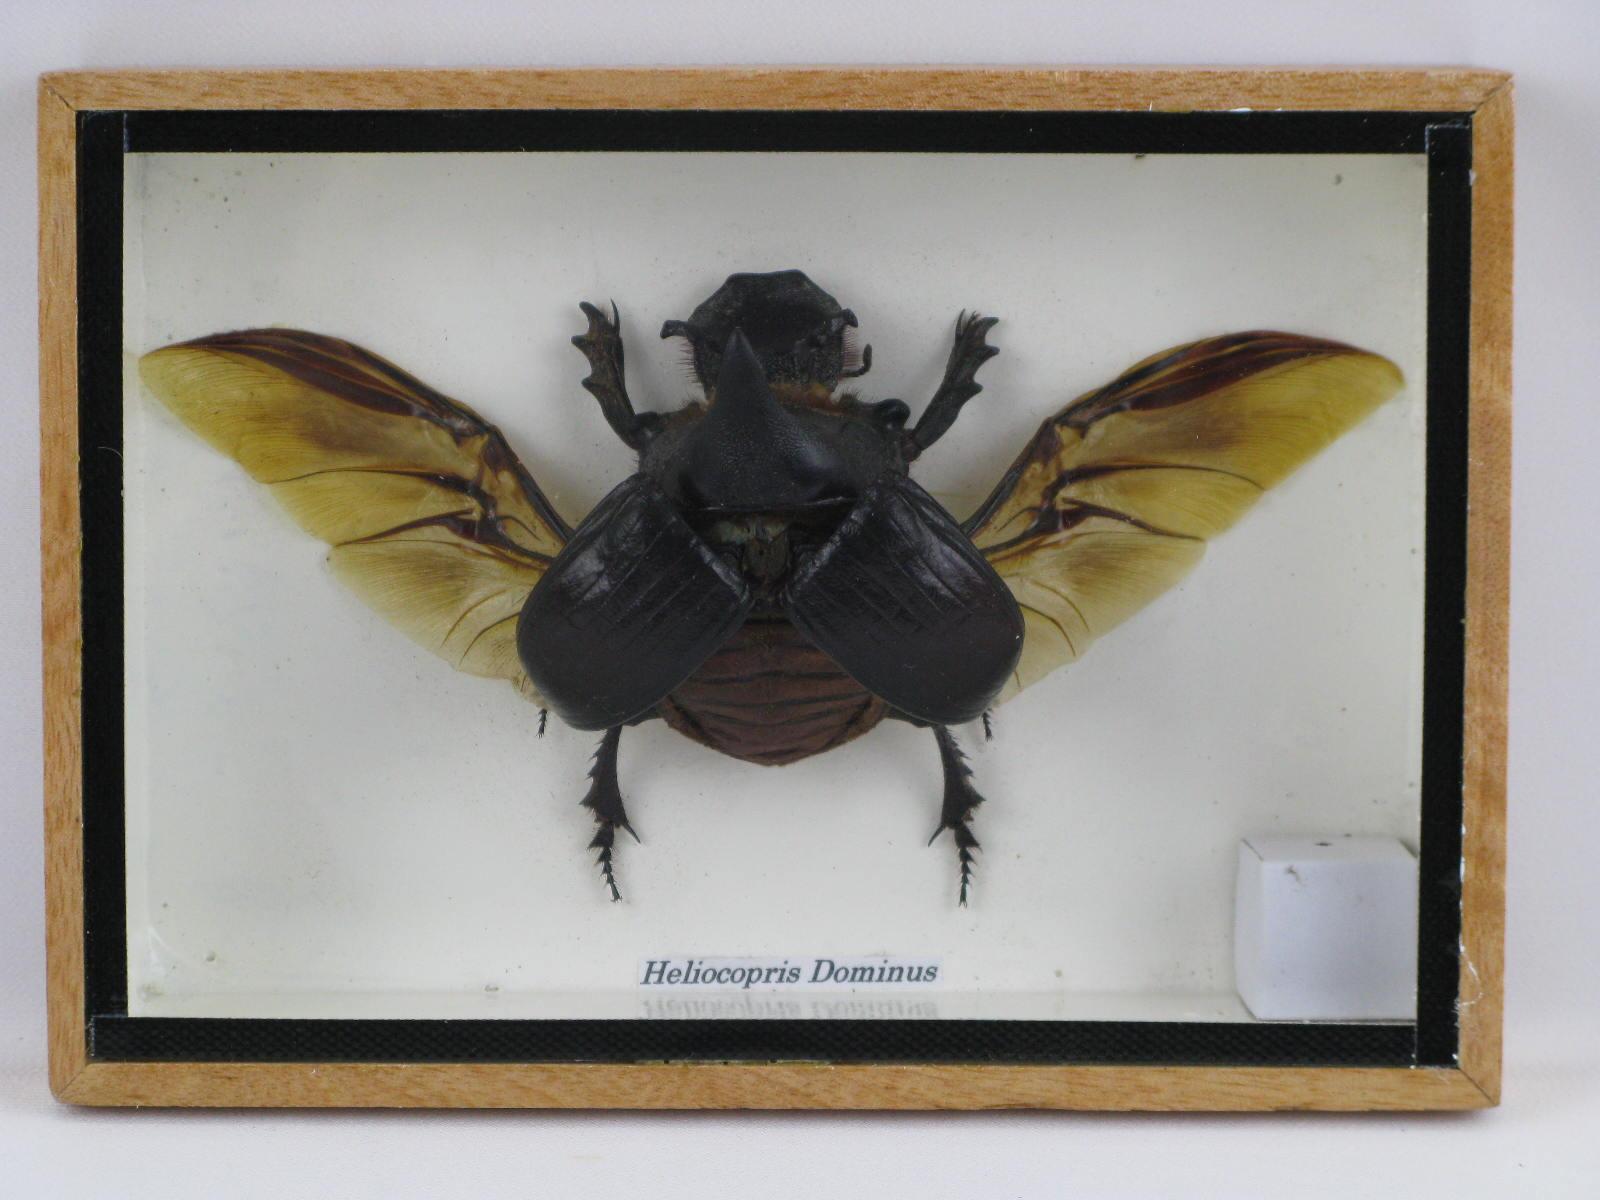 heliocopris dominus echtes insekt im schaukasten aus. Black Bedroom Furniture Sets. Home Design Ideas